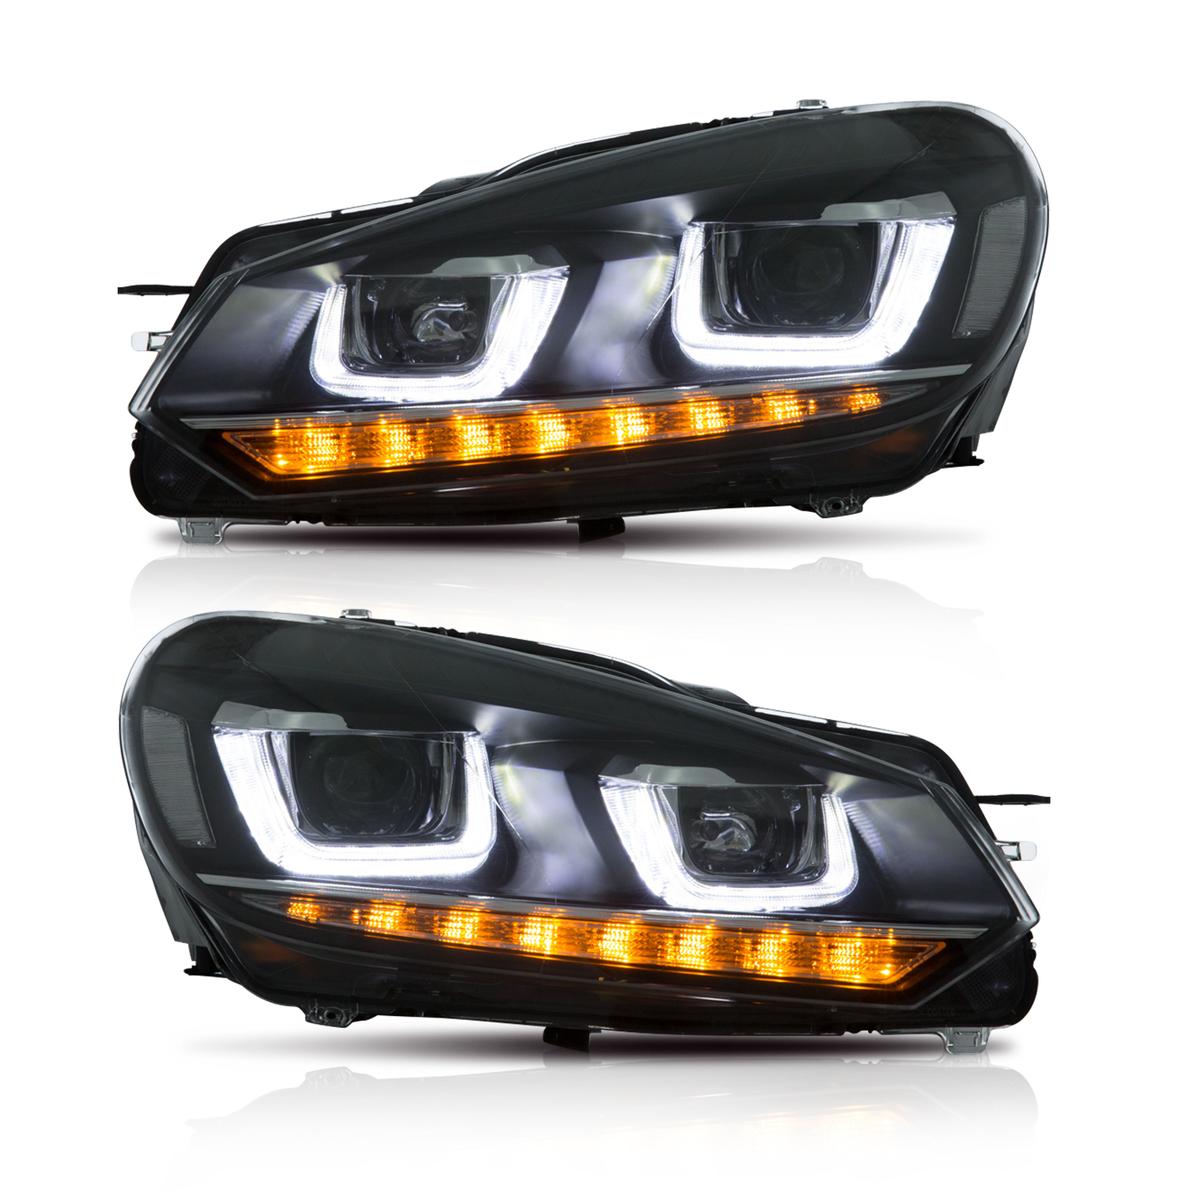 VW ☆送料無料☆ 当日発送可能 ゴルフ6 限定品 ヘッドライト Golf6 DRLスタイル USEKA フォルクスワーゲン 黒 左右セットLED ヘッドランプ M 2008年~2013年 Volkswagen For